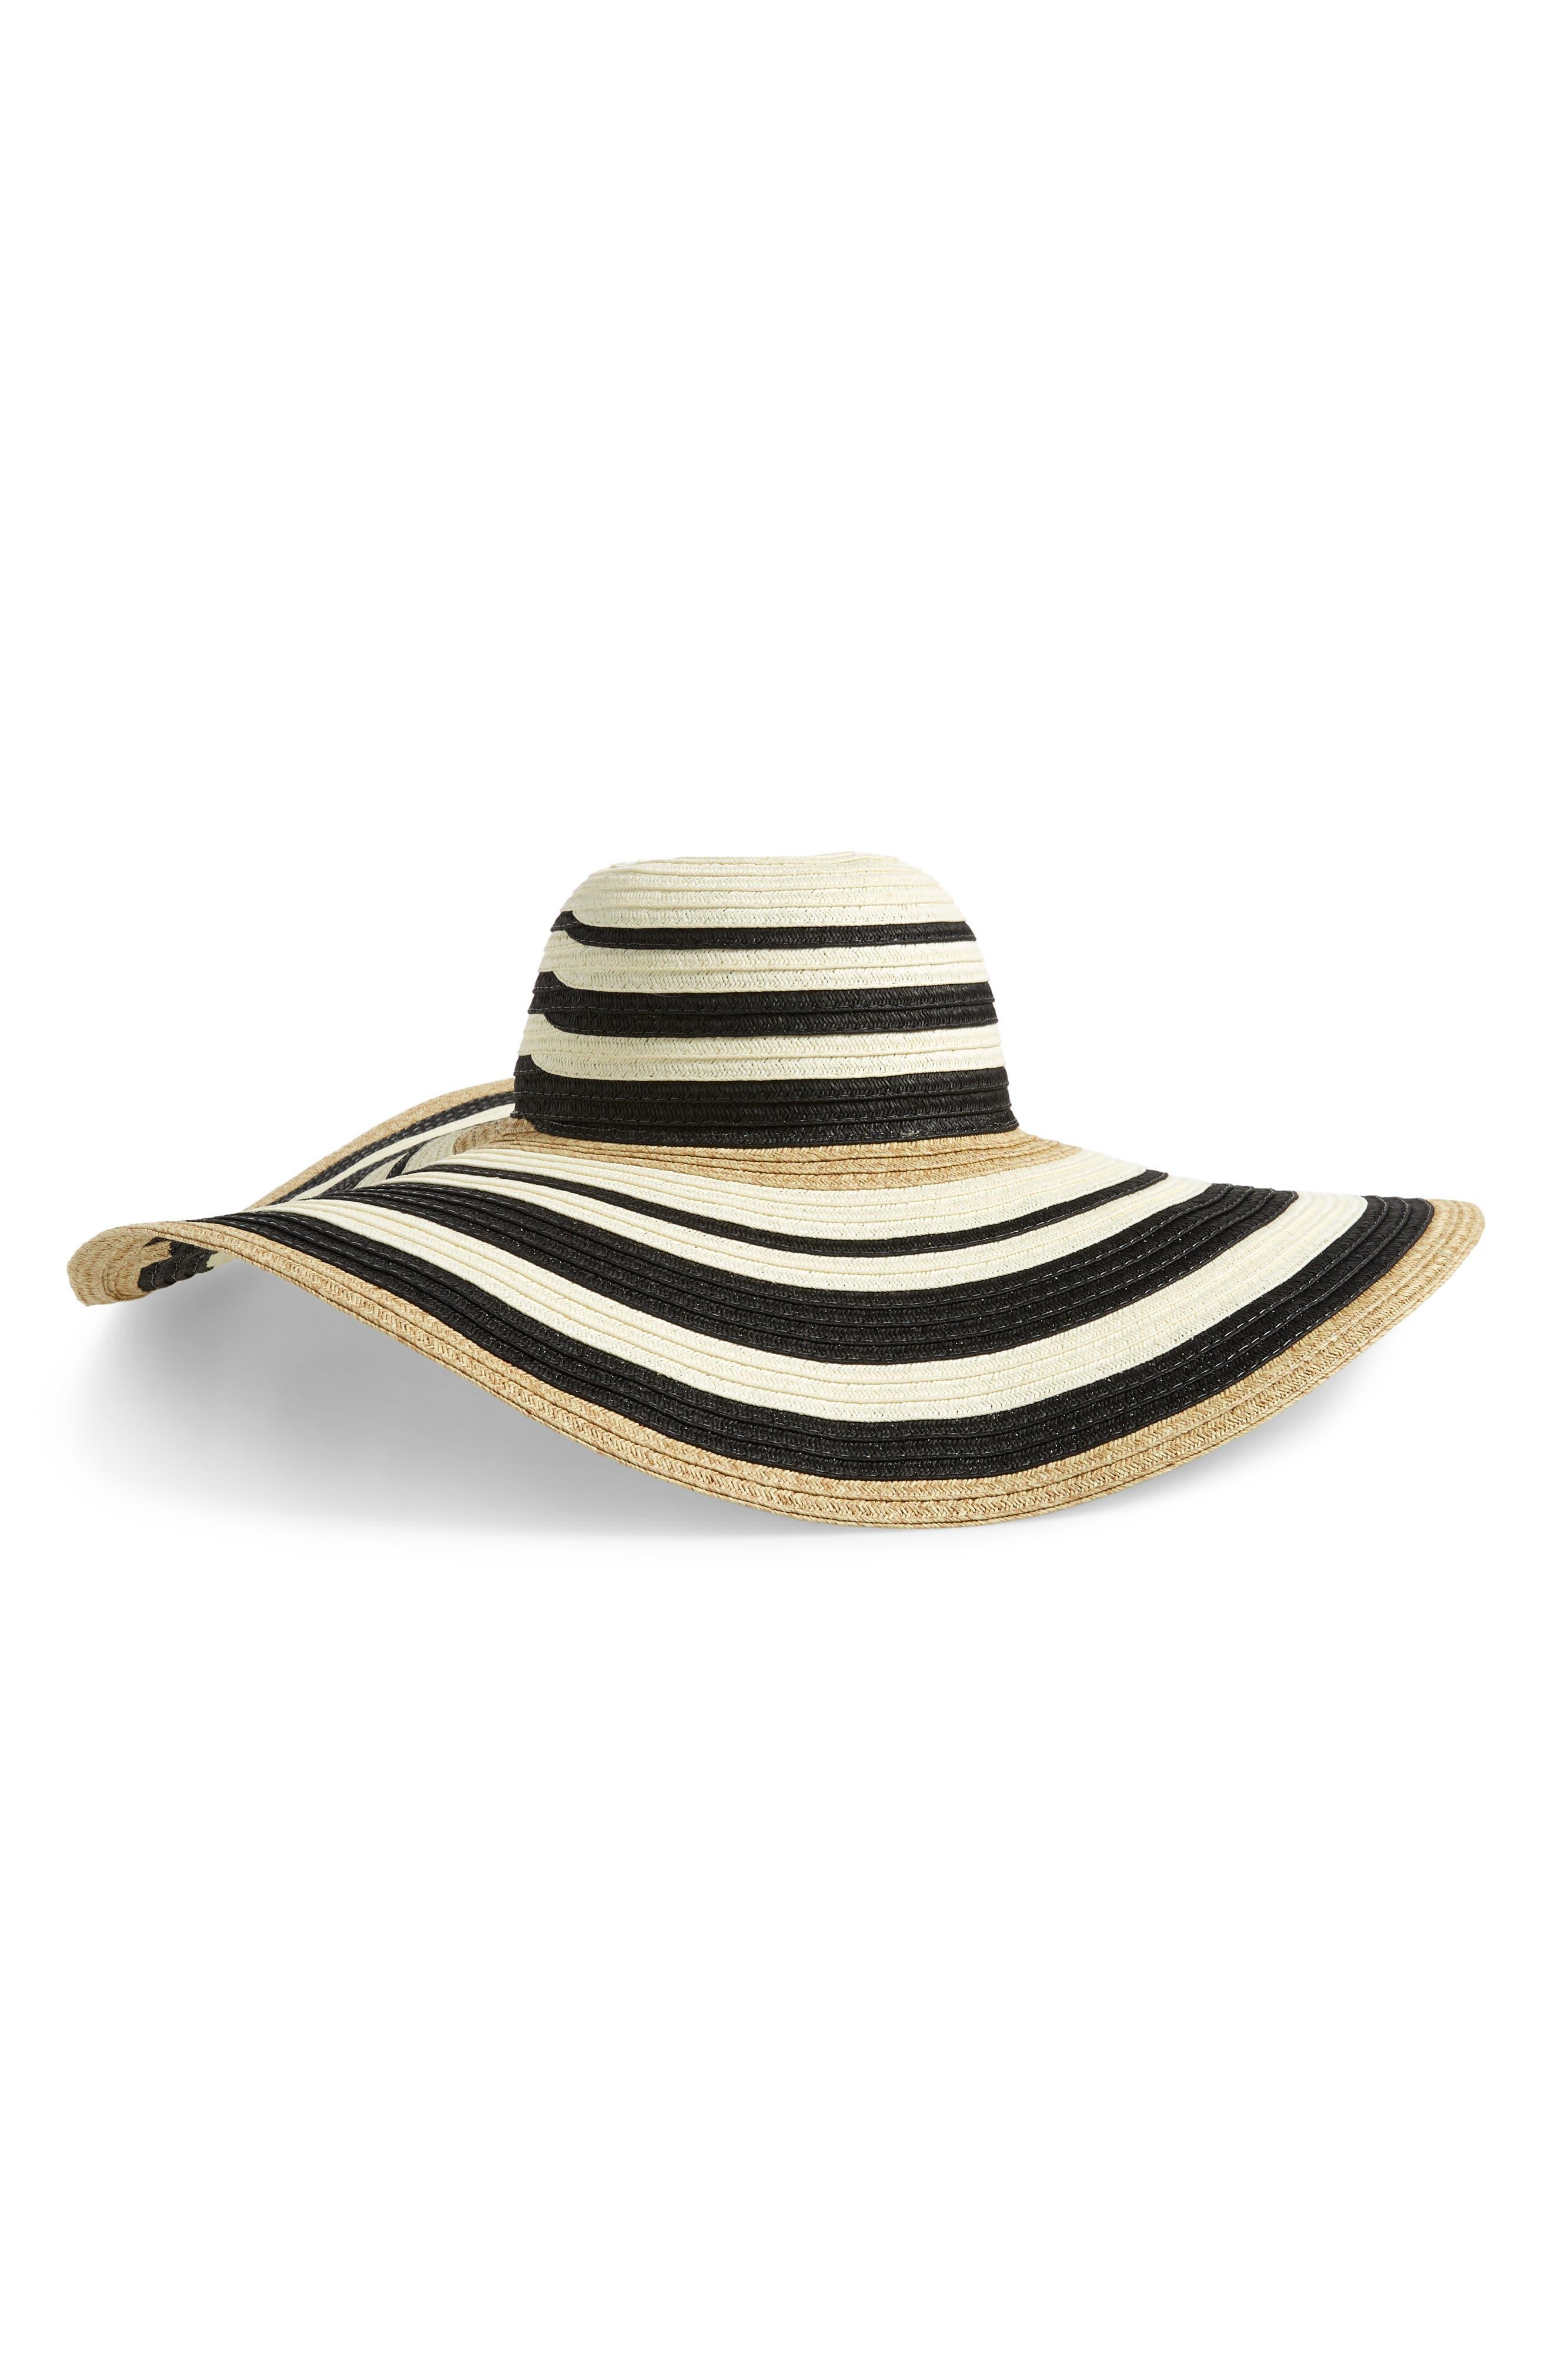 NORDSTROM, Modern Stripe Floppy Hat, Main thumbnail 1, color, BLACK COMBO